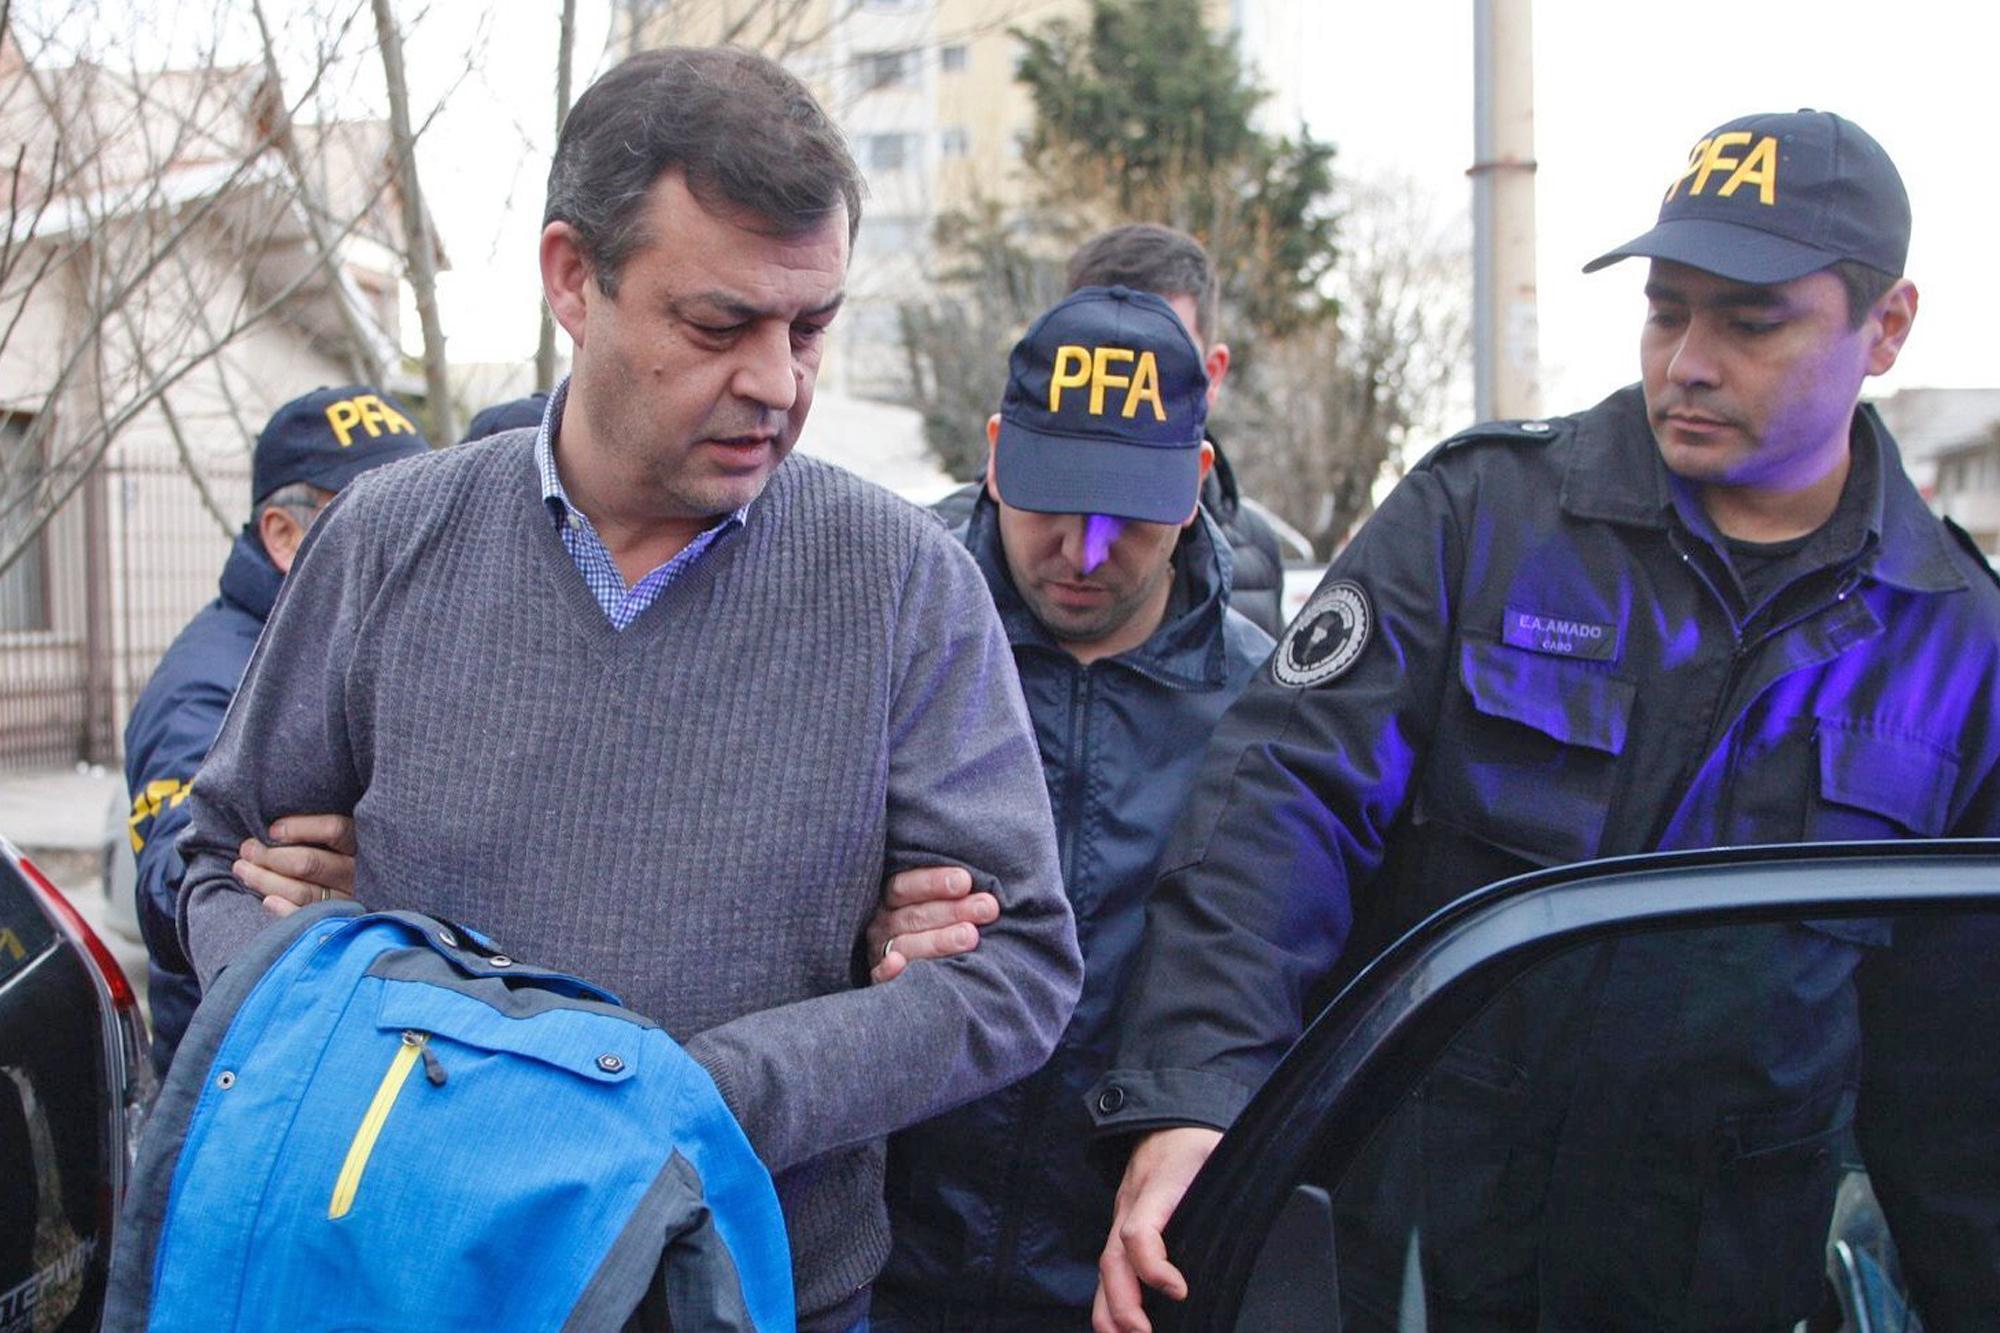 El Consejo pidió la acusación de Manzanares sobre la coima del juez Rodríguez